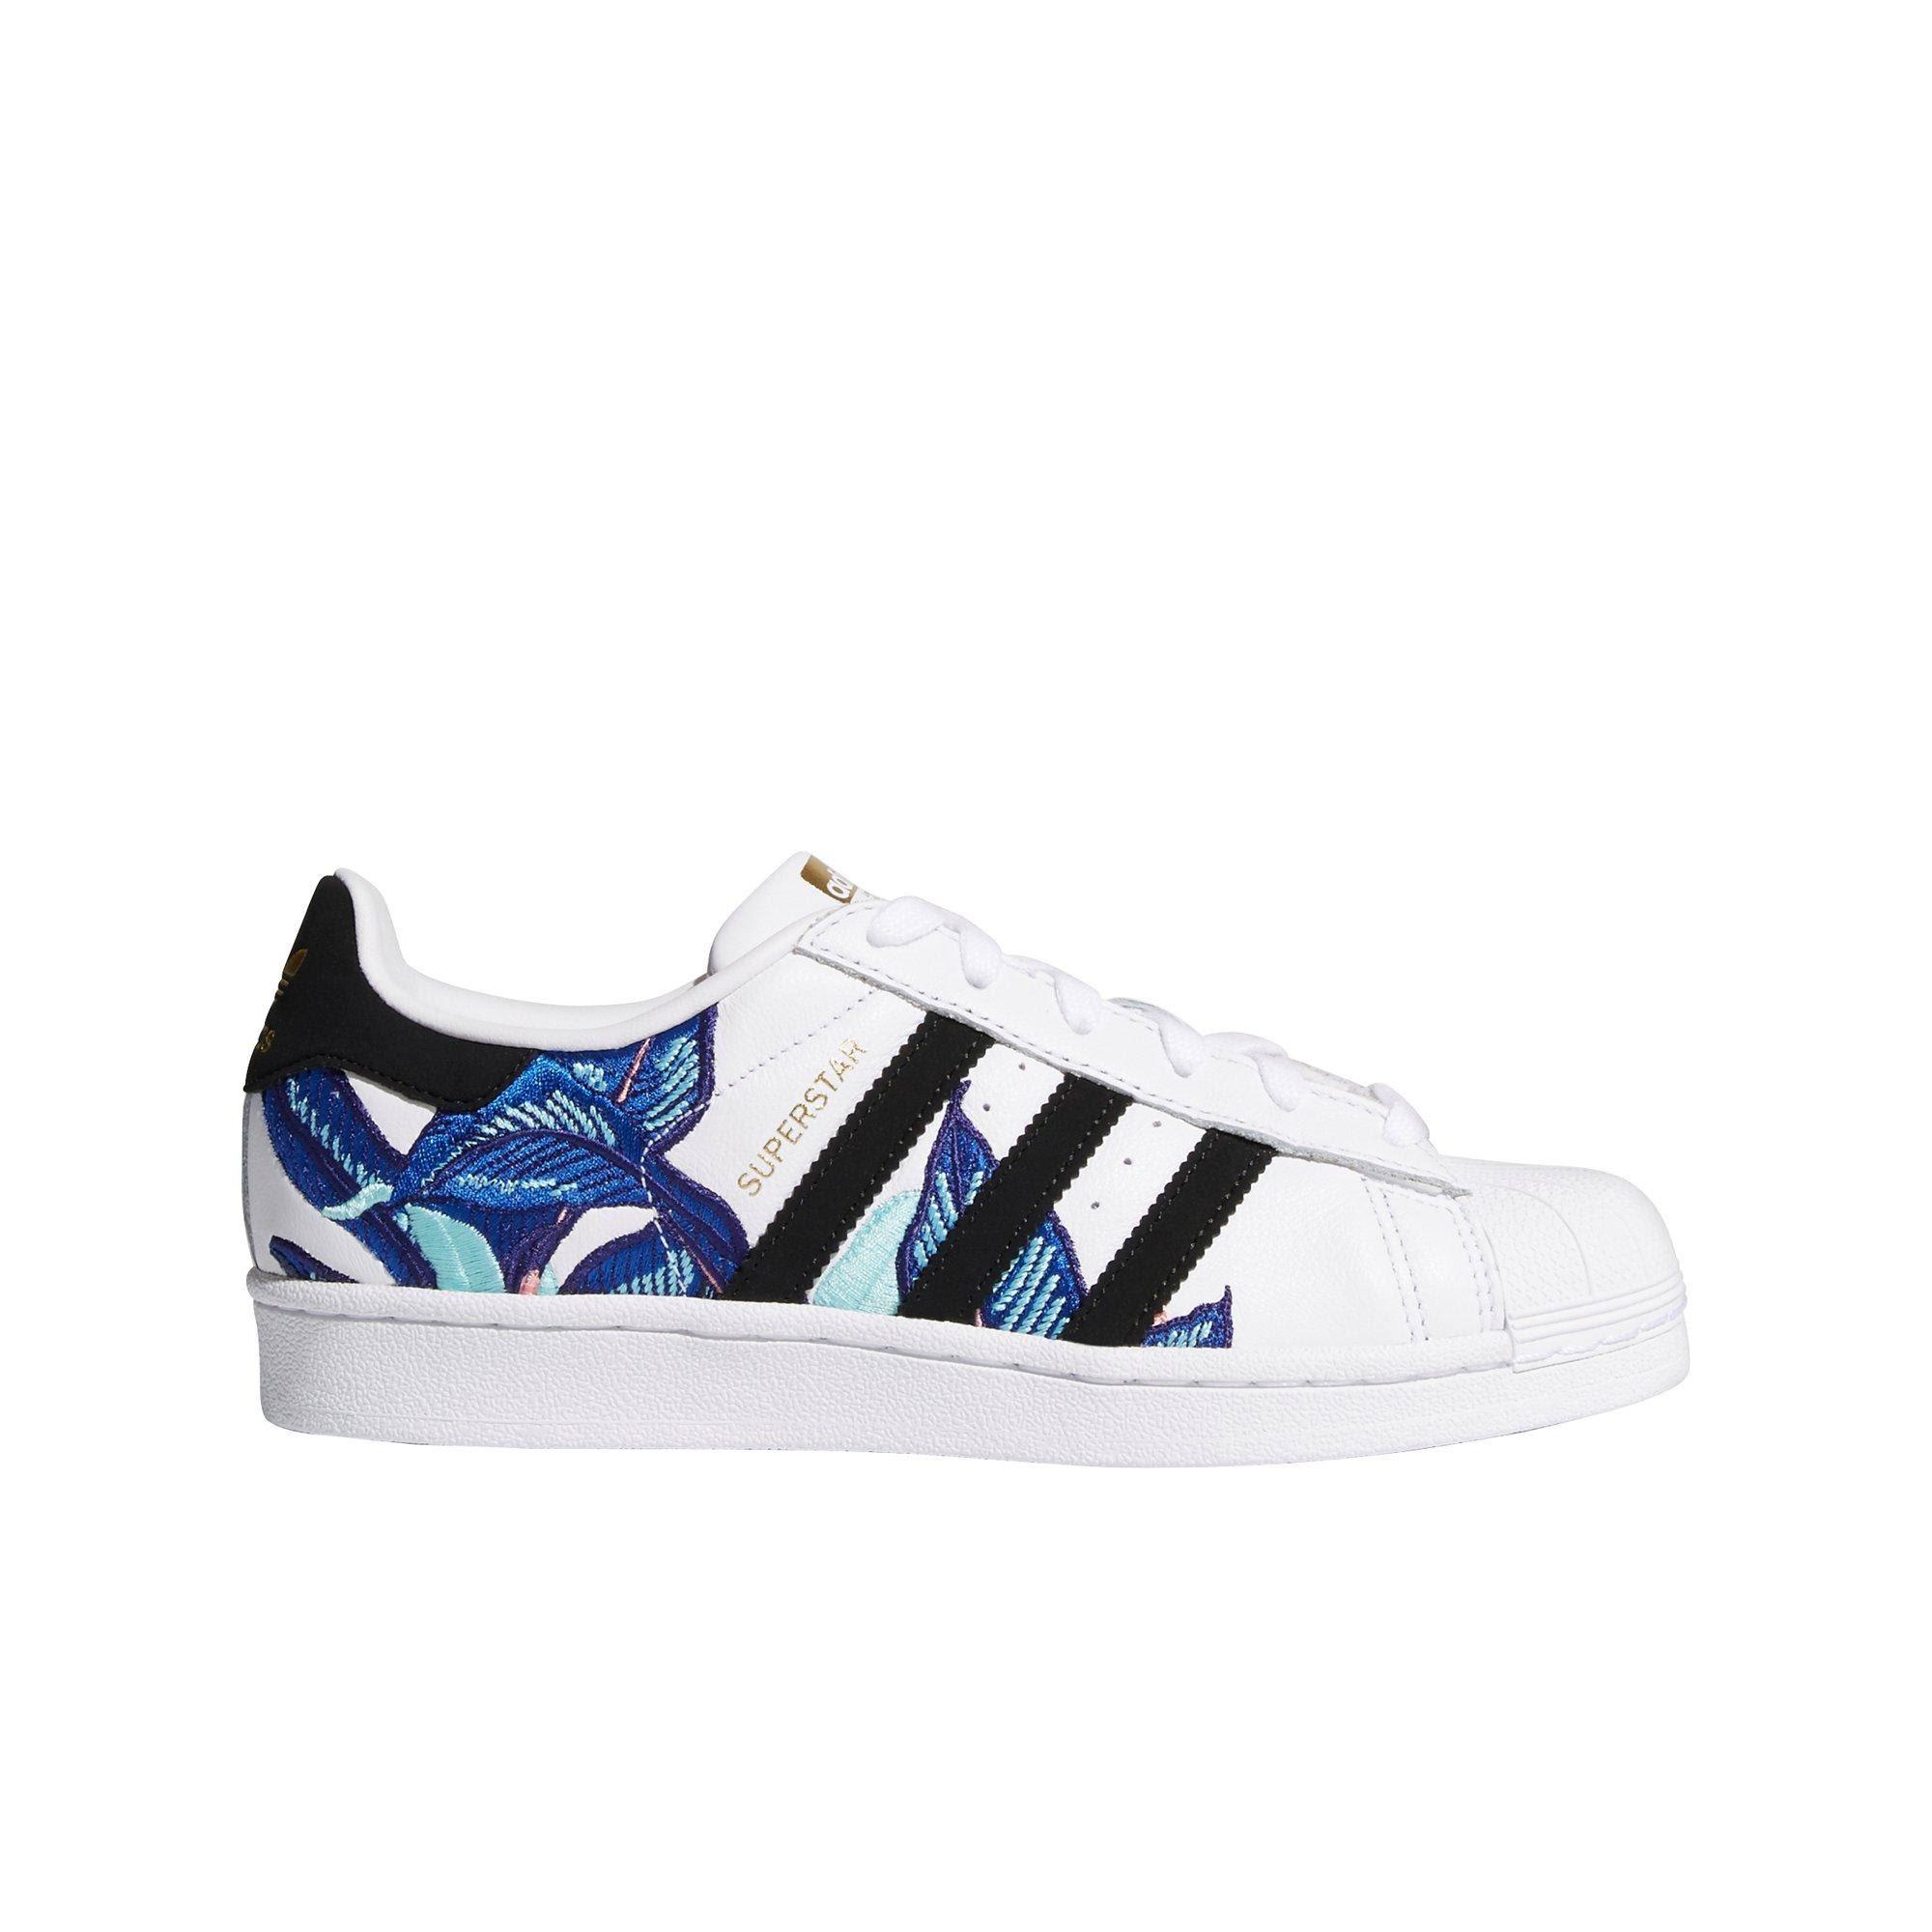 White Adidas 7 7 White Adidas Superstar 7 White Superstar Superstar White Adidas Adidas Superstar thQBsxrodC